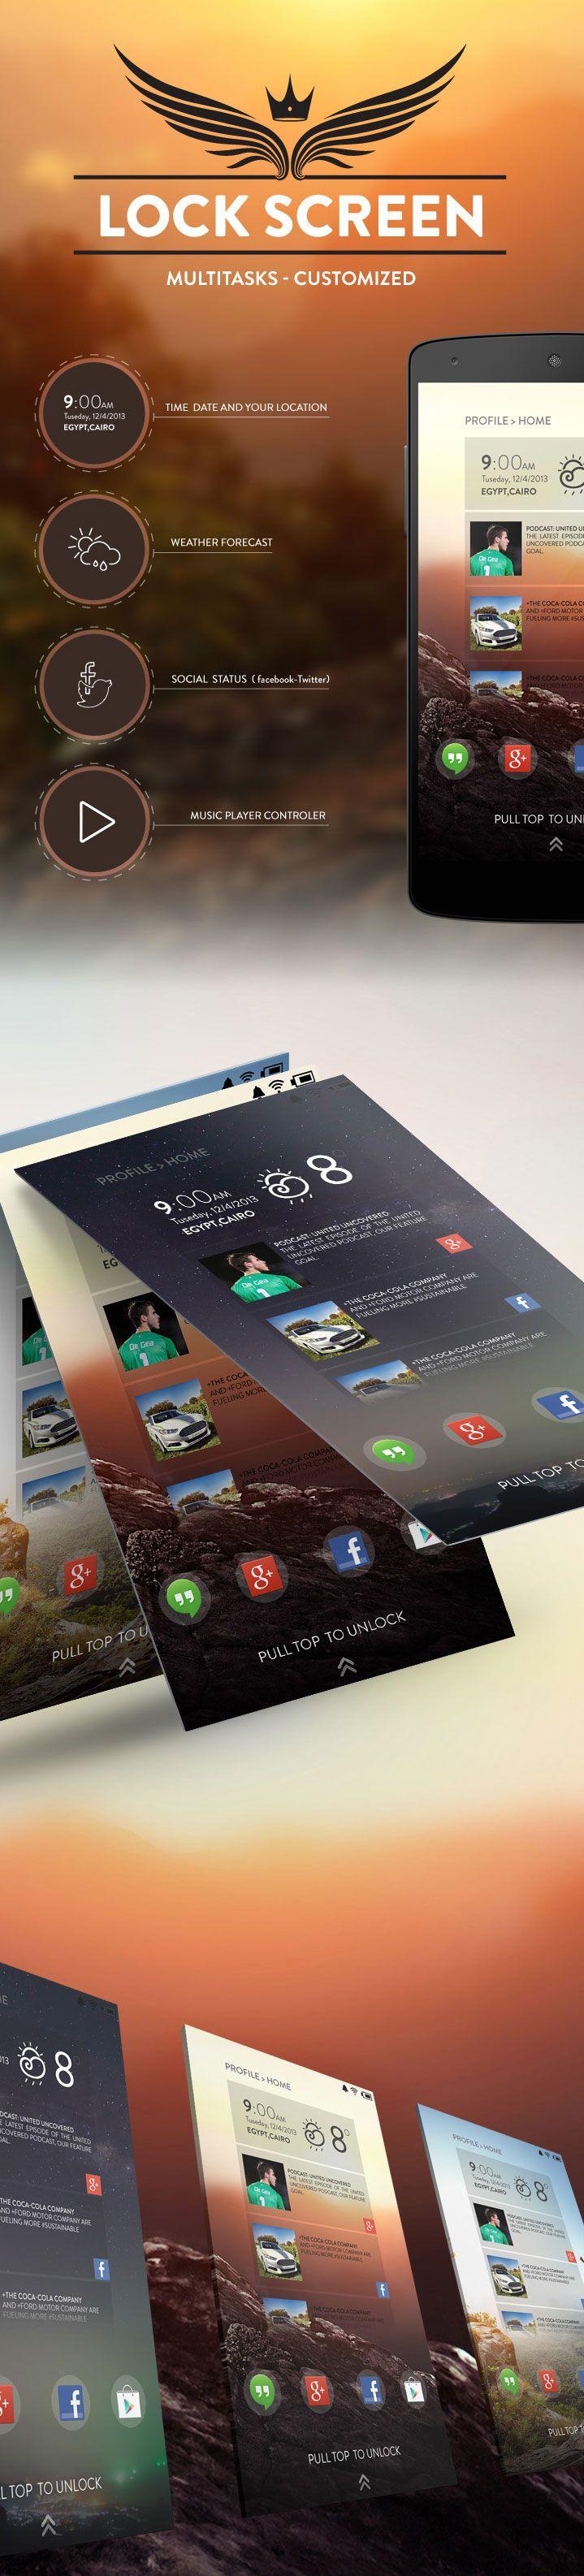 Android mobile lock-screen design - #digital #ui #ux